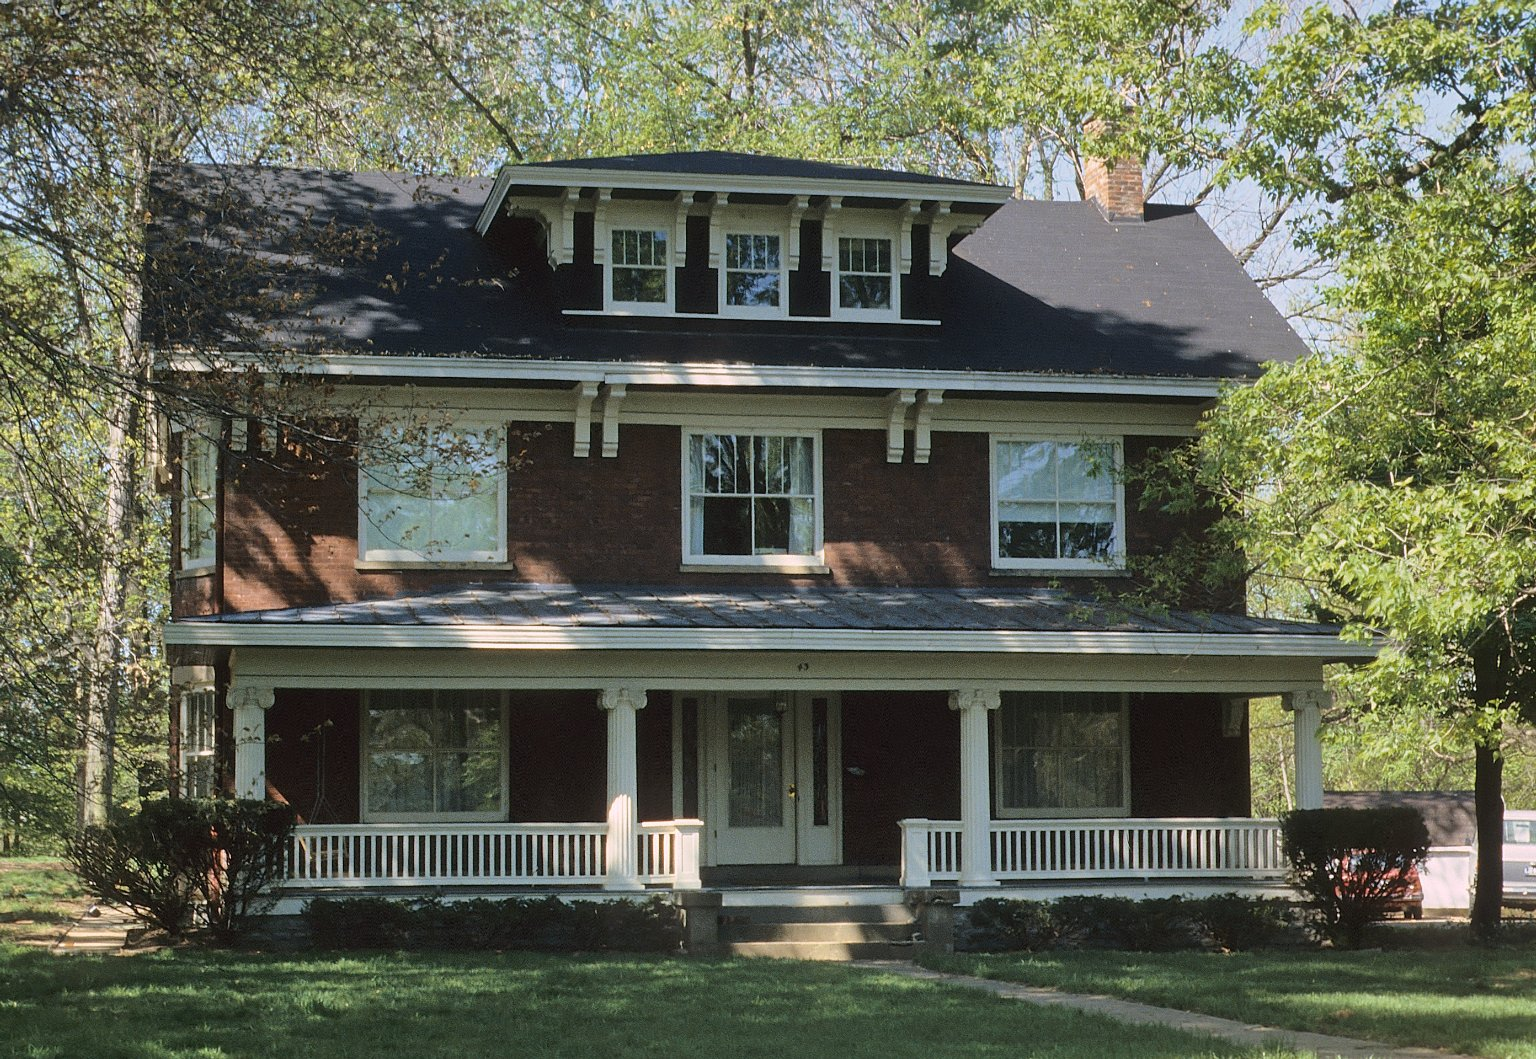 43 Beechwood Road (Ft. Mitchell, Kentucky)